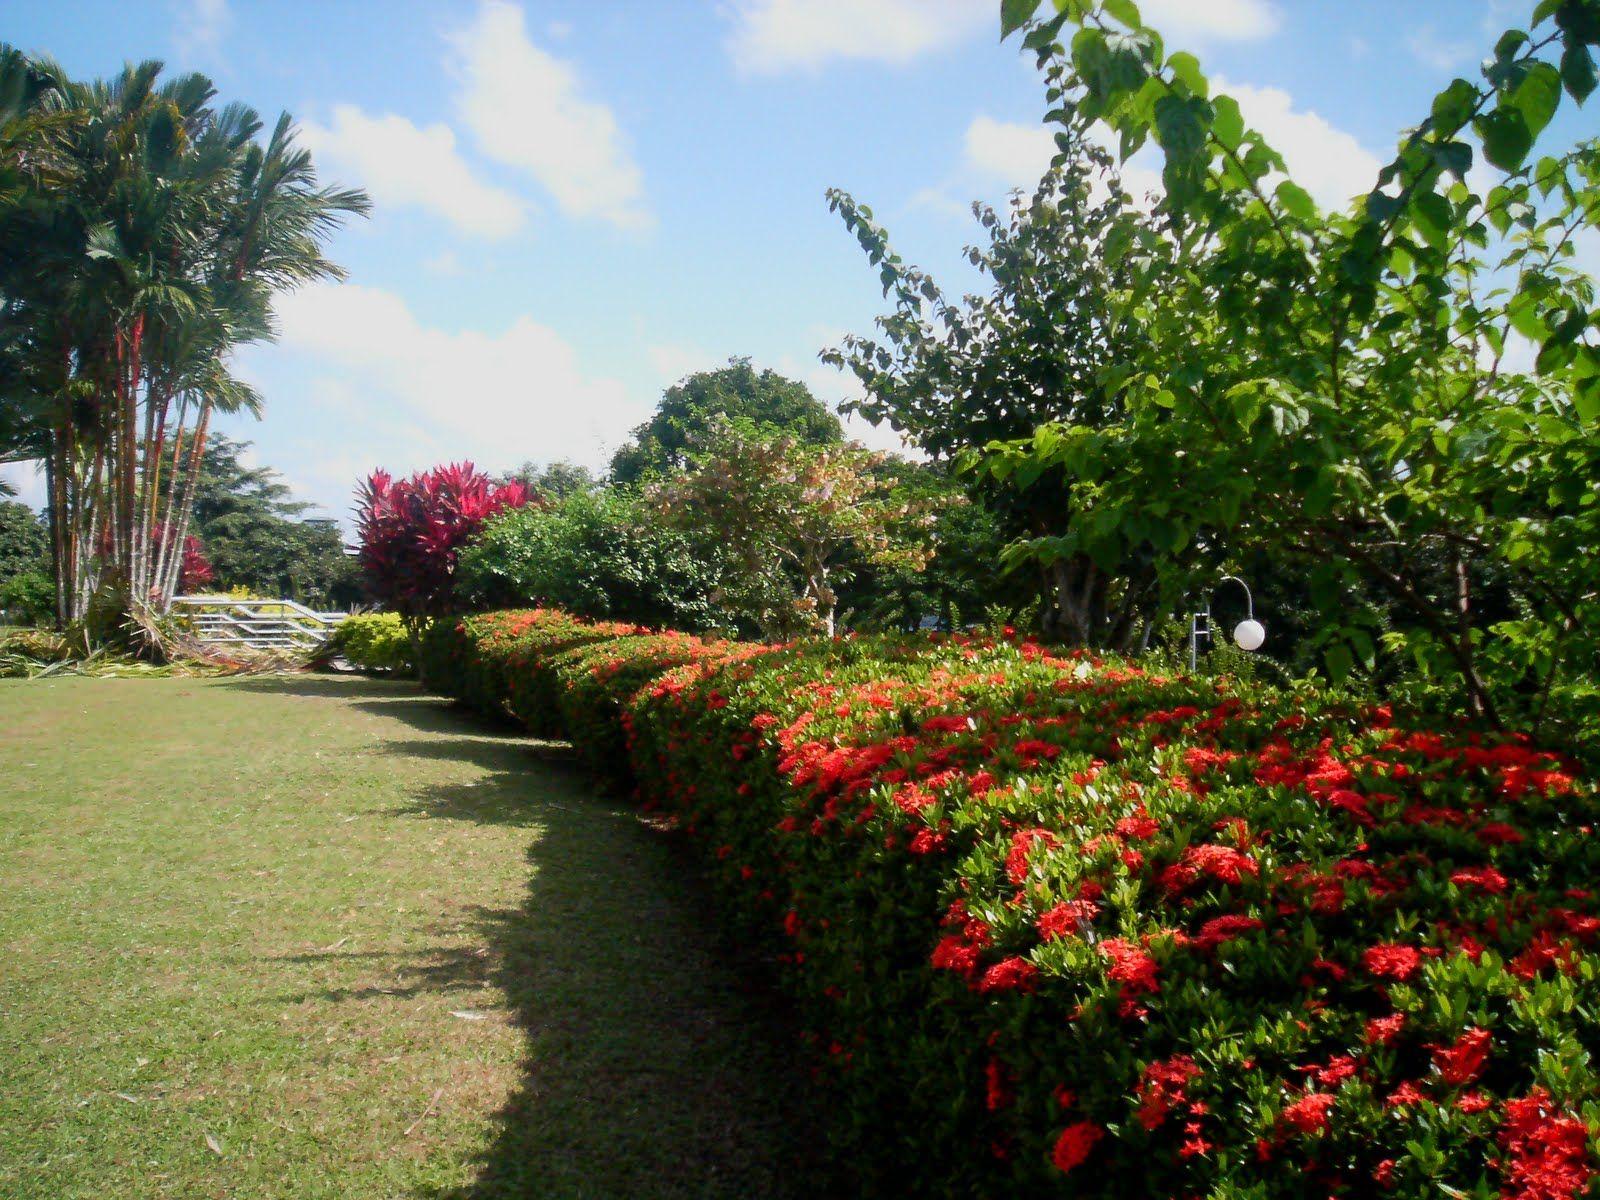 Amado Ixora - Ixora coccinea | Plants WR55